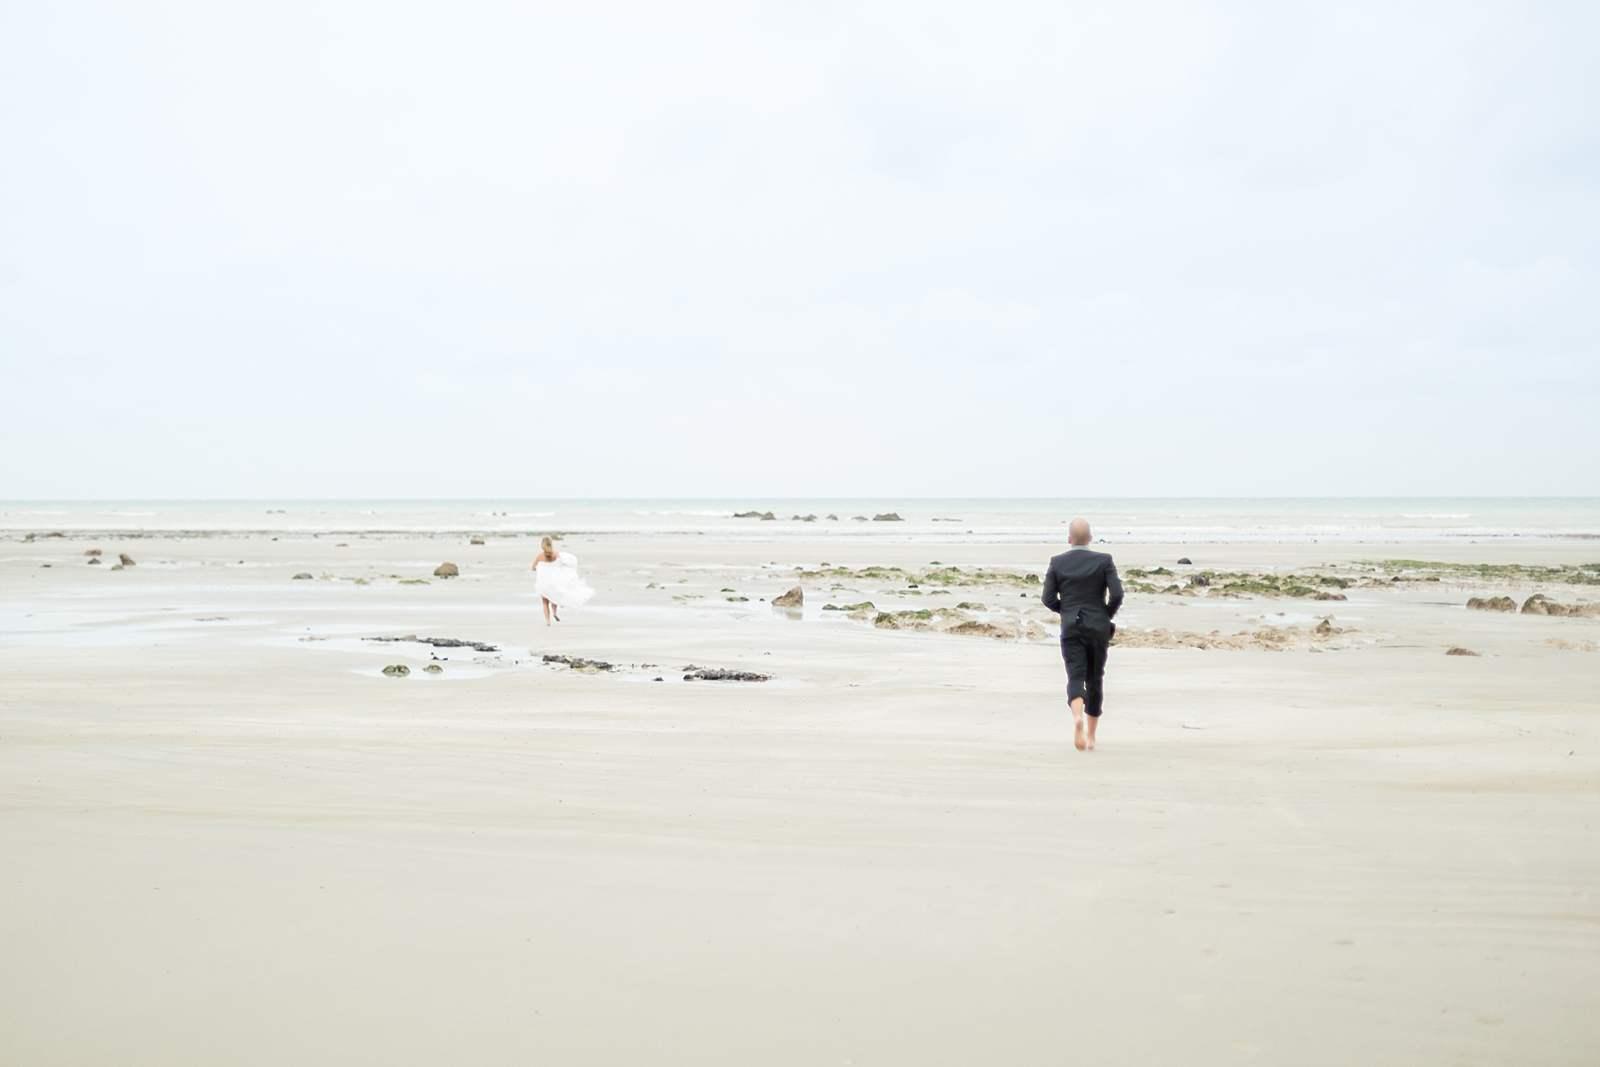 les mariés se courent après sur la plage de normandie. ils sont pieds nus dans le sable. la marée est basse.